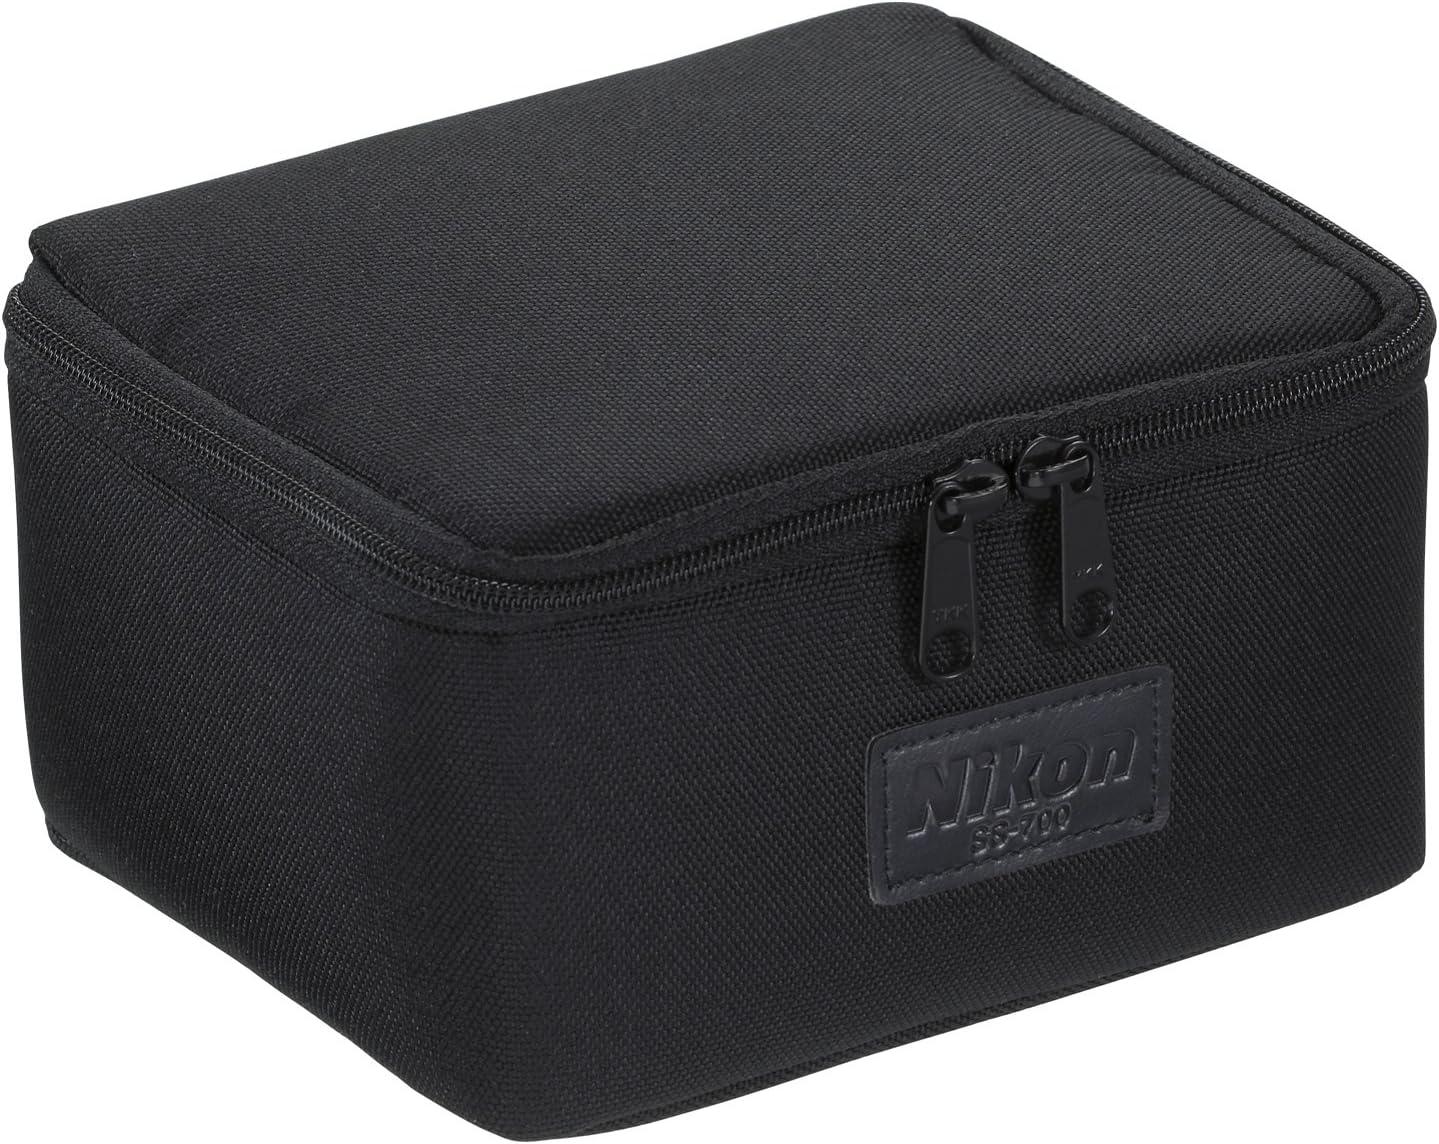 Standard Packaging Nikon SB-700 AF Speedlight Flash for Nikon Digital SLR Cameras